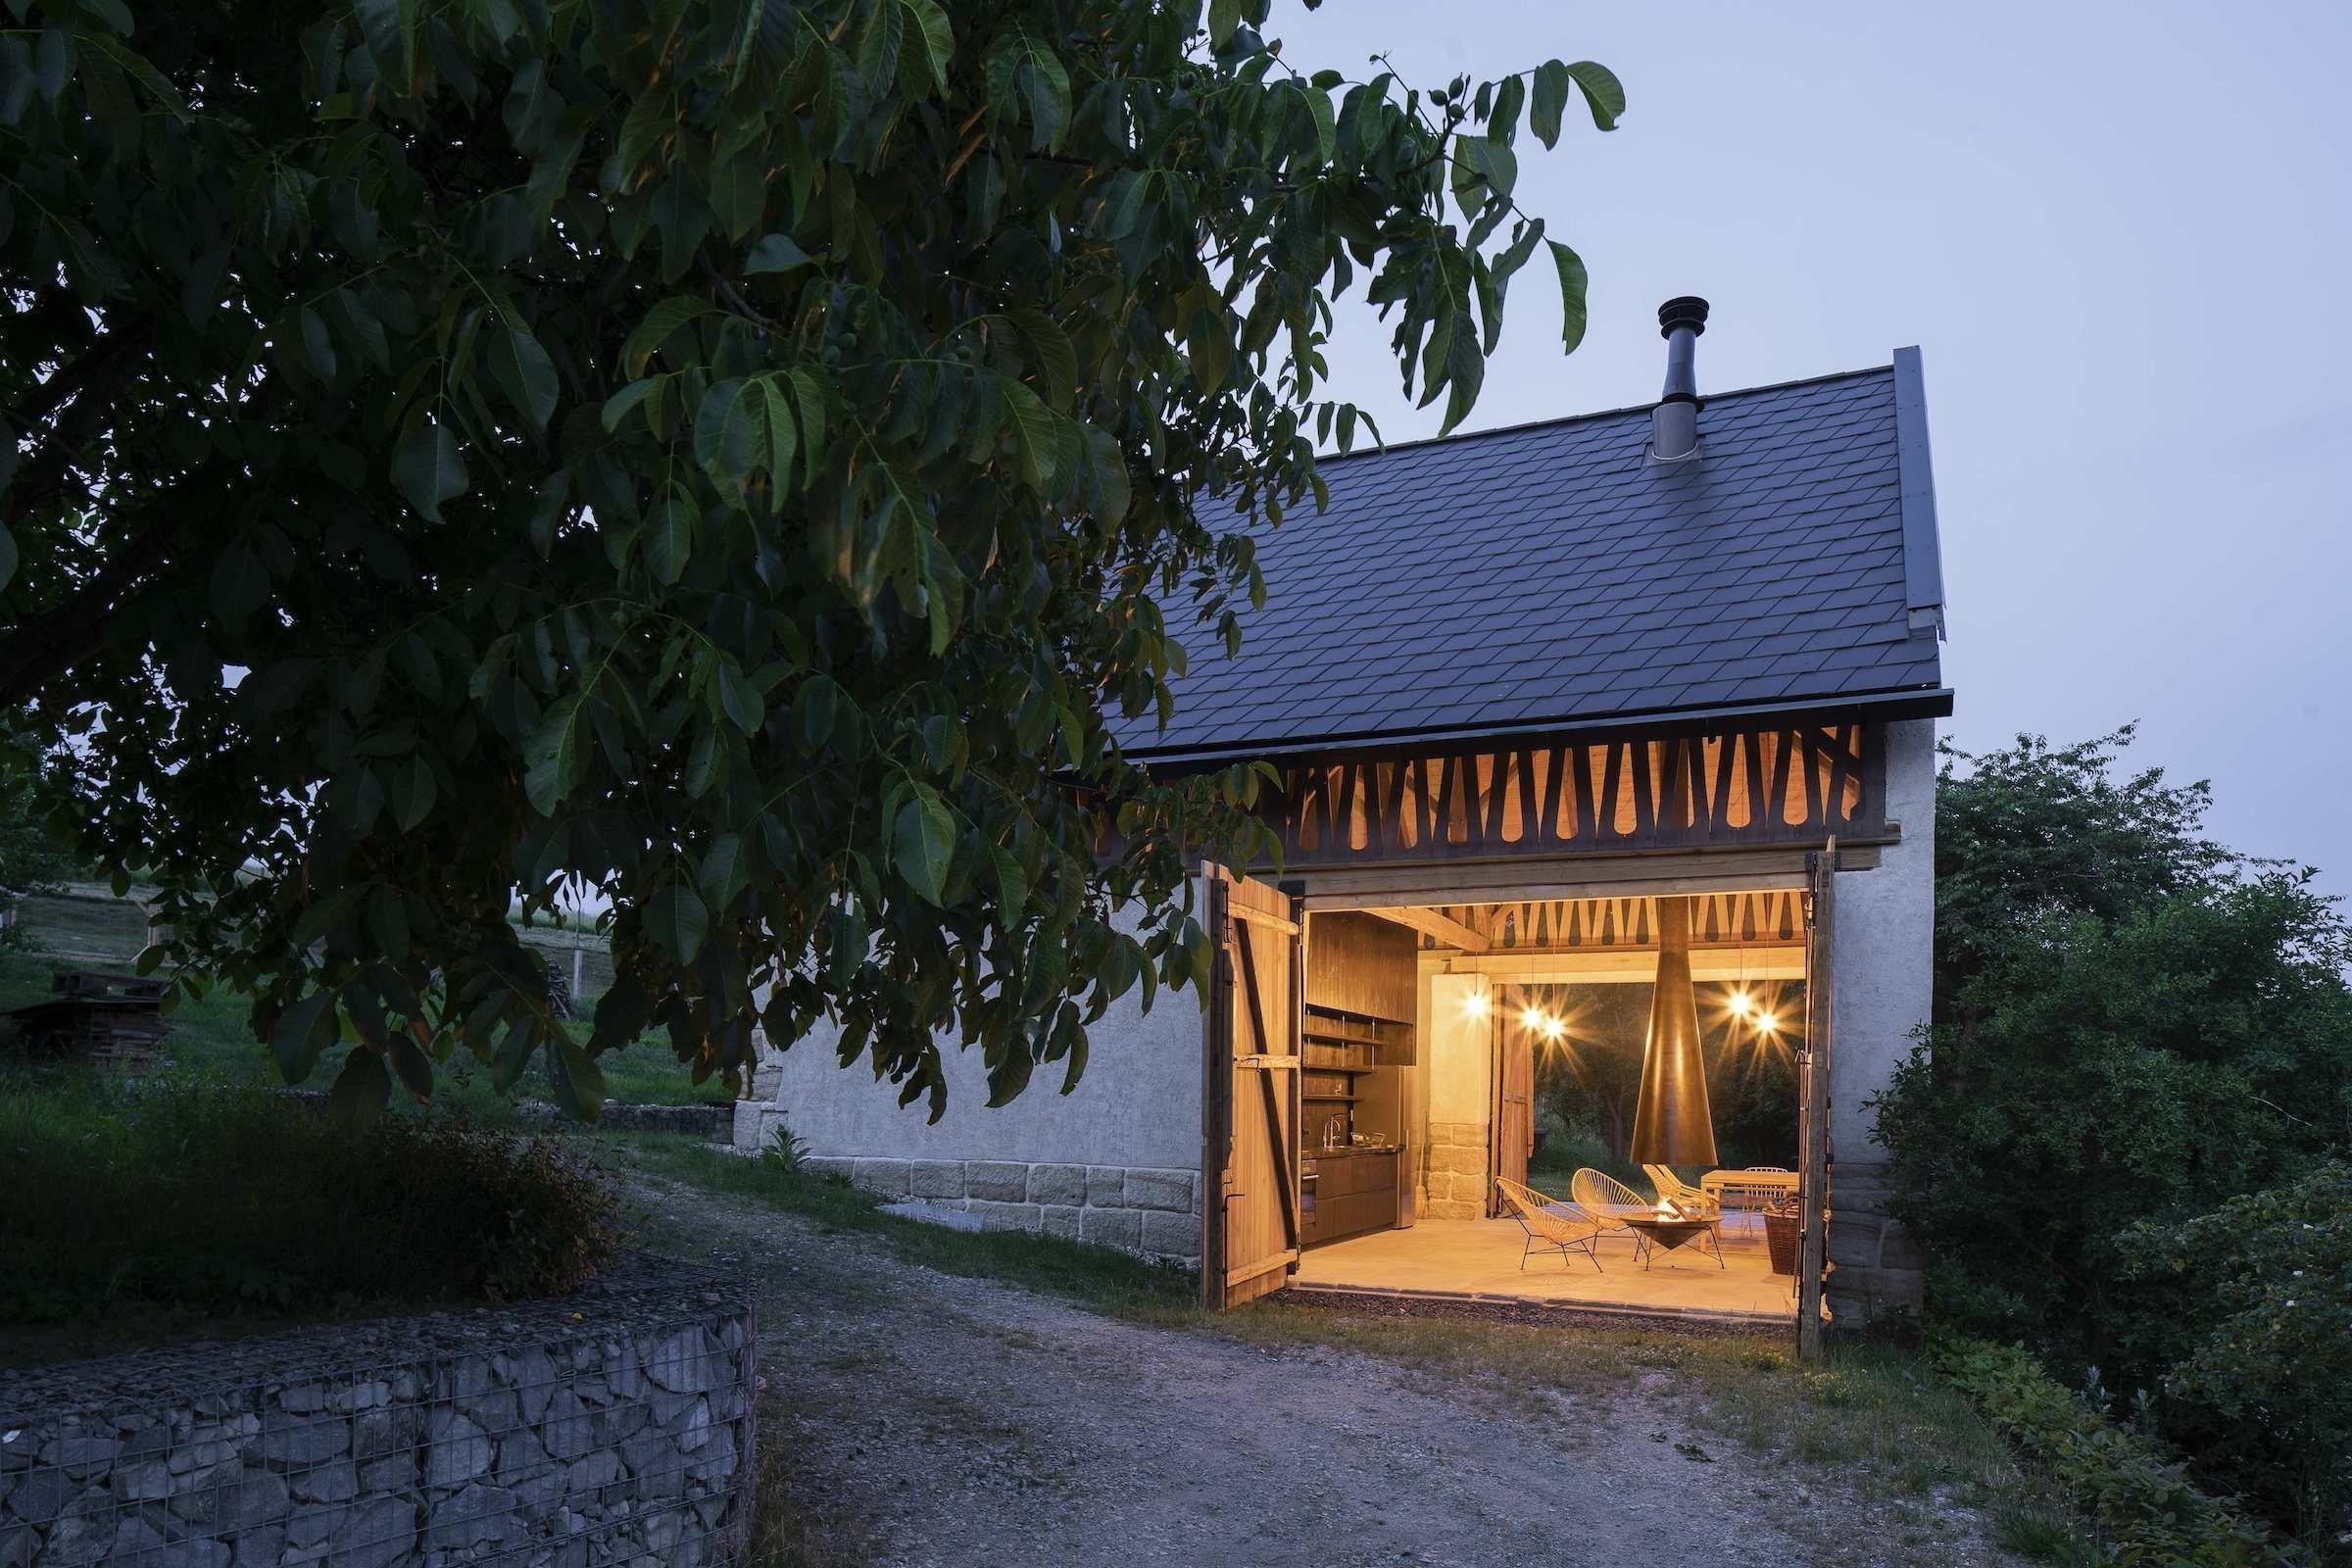 200 let stará stodola prošla rekonstrukcí a spojení interiéru s exteriérem. Velmi netradičním pojetím vznikl dům v domě a ze starého hospodářského stavení je stylová chalupa.